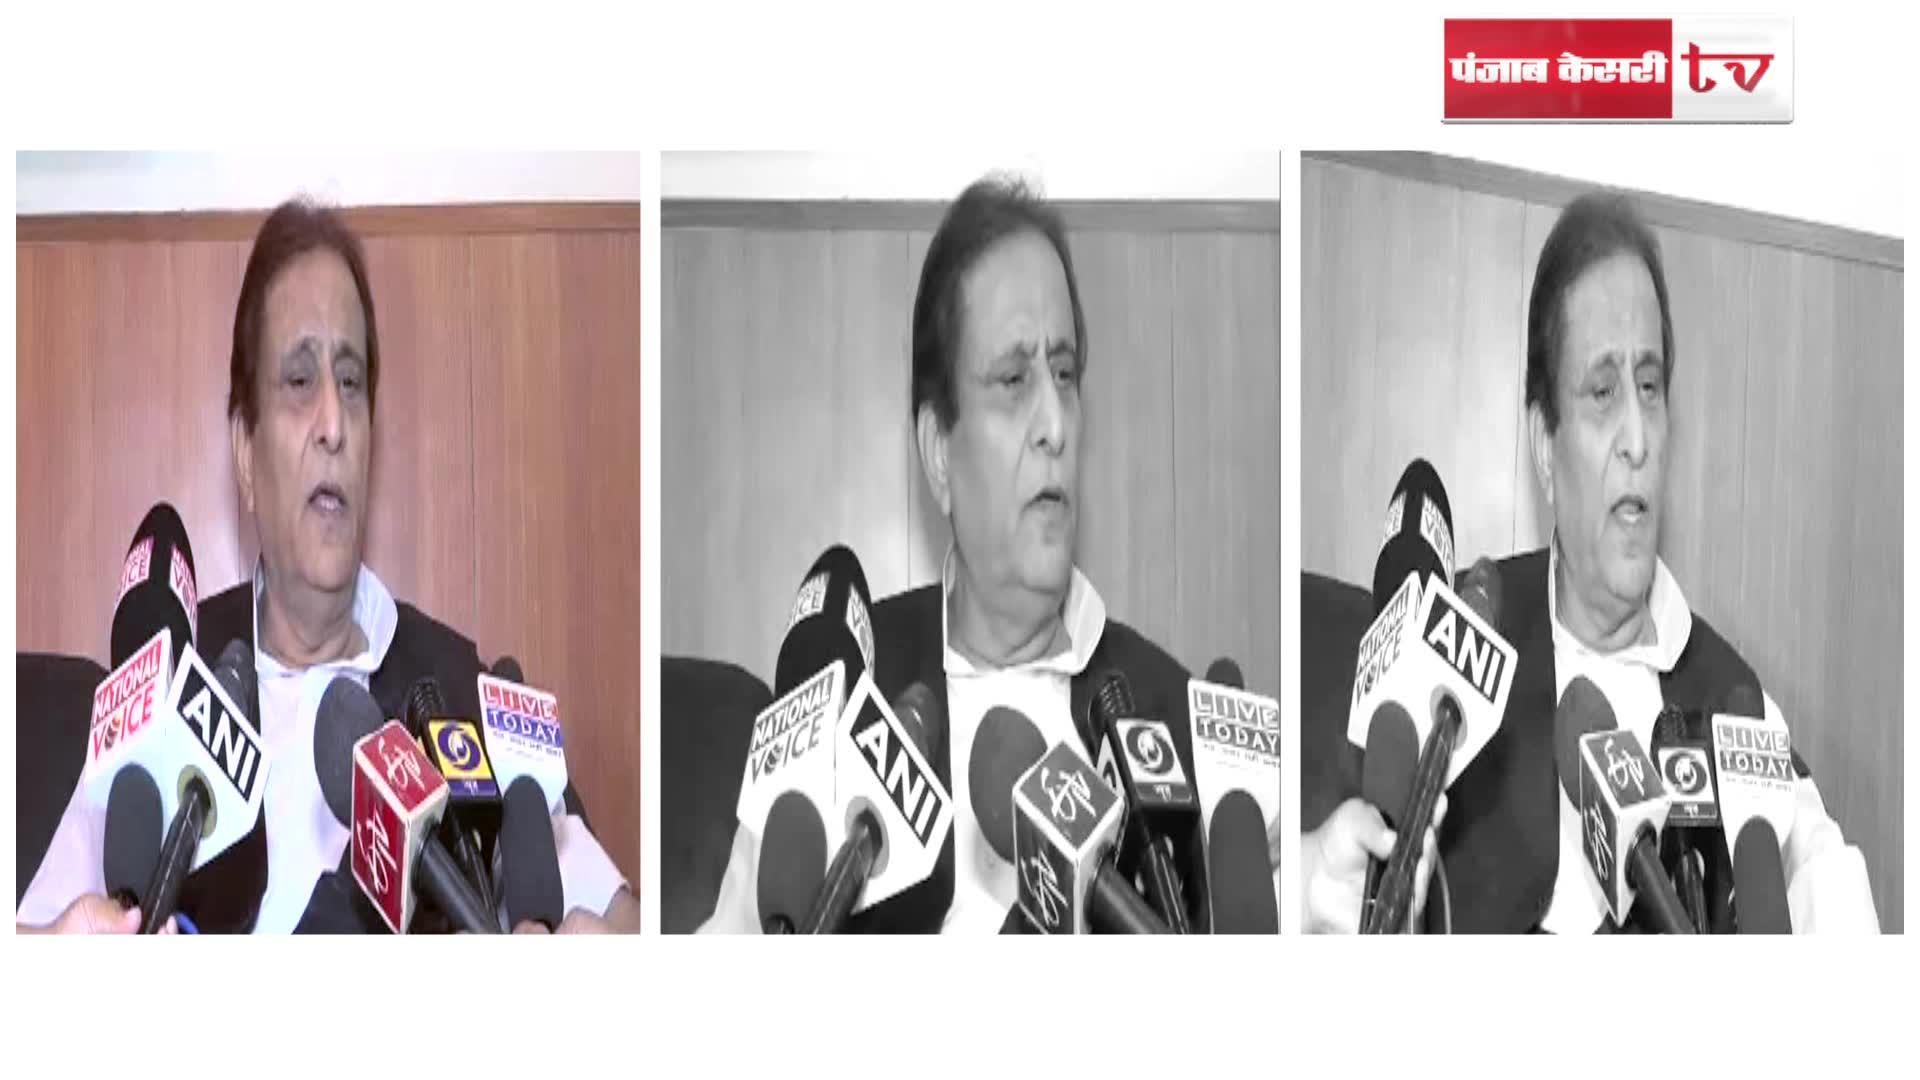 Image of पीएम मोदी को सभी धर्मों का नारा बोलना चाहिए- आज़म खान